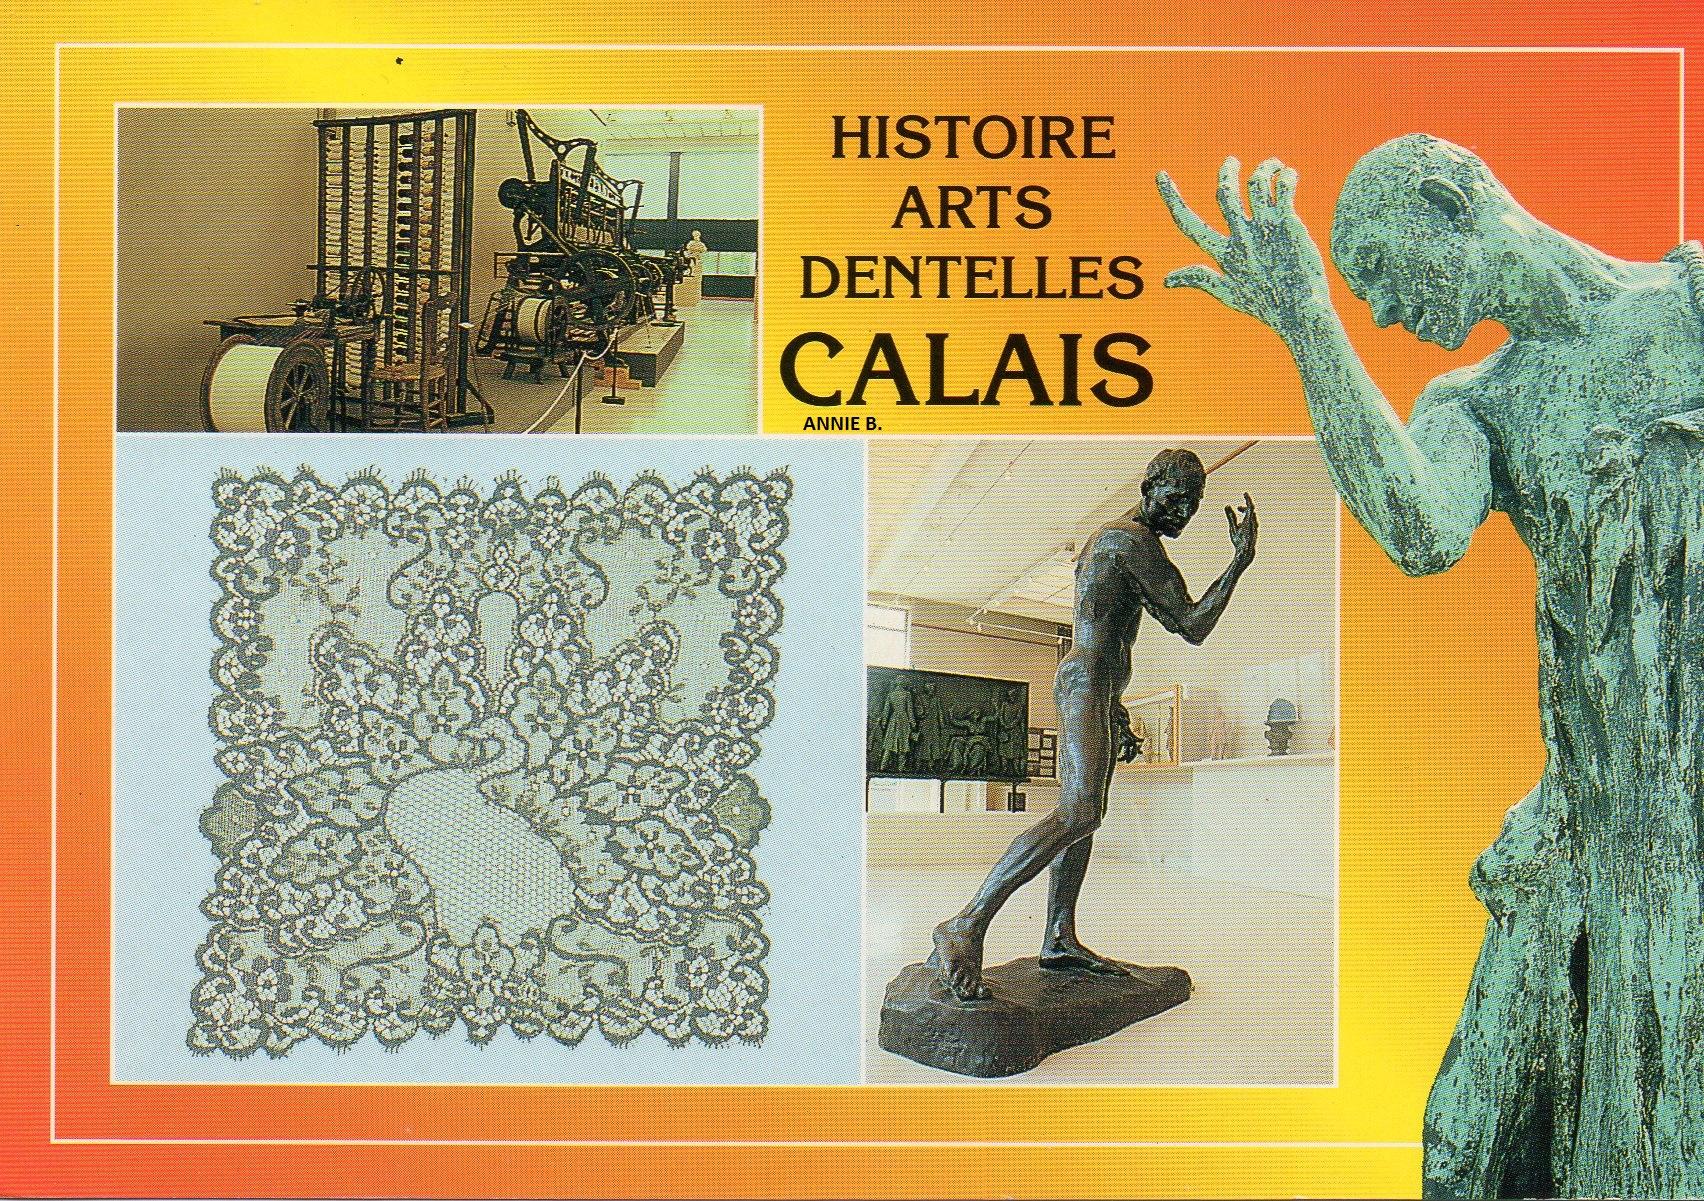 Calais Dentelle